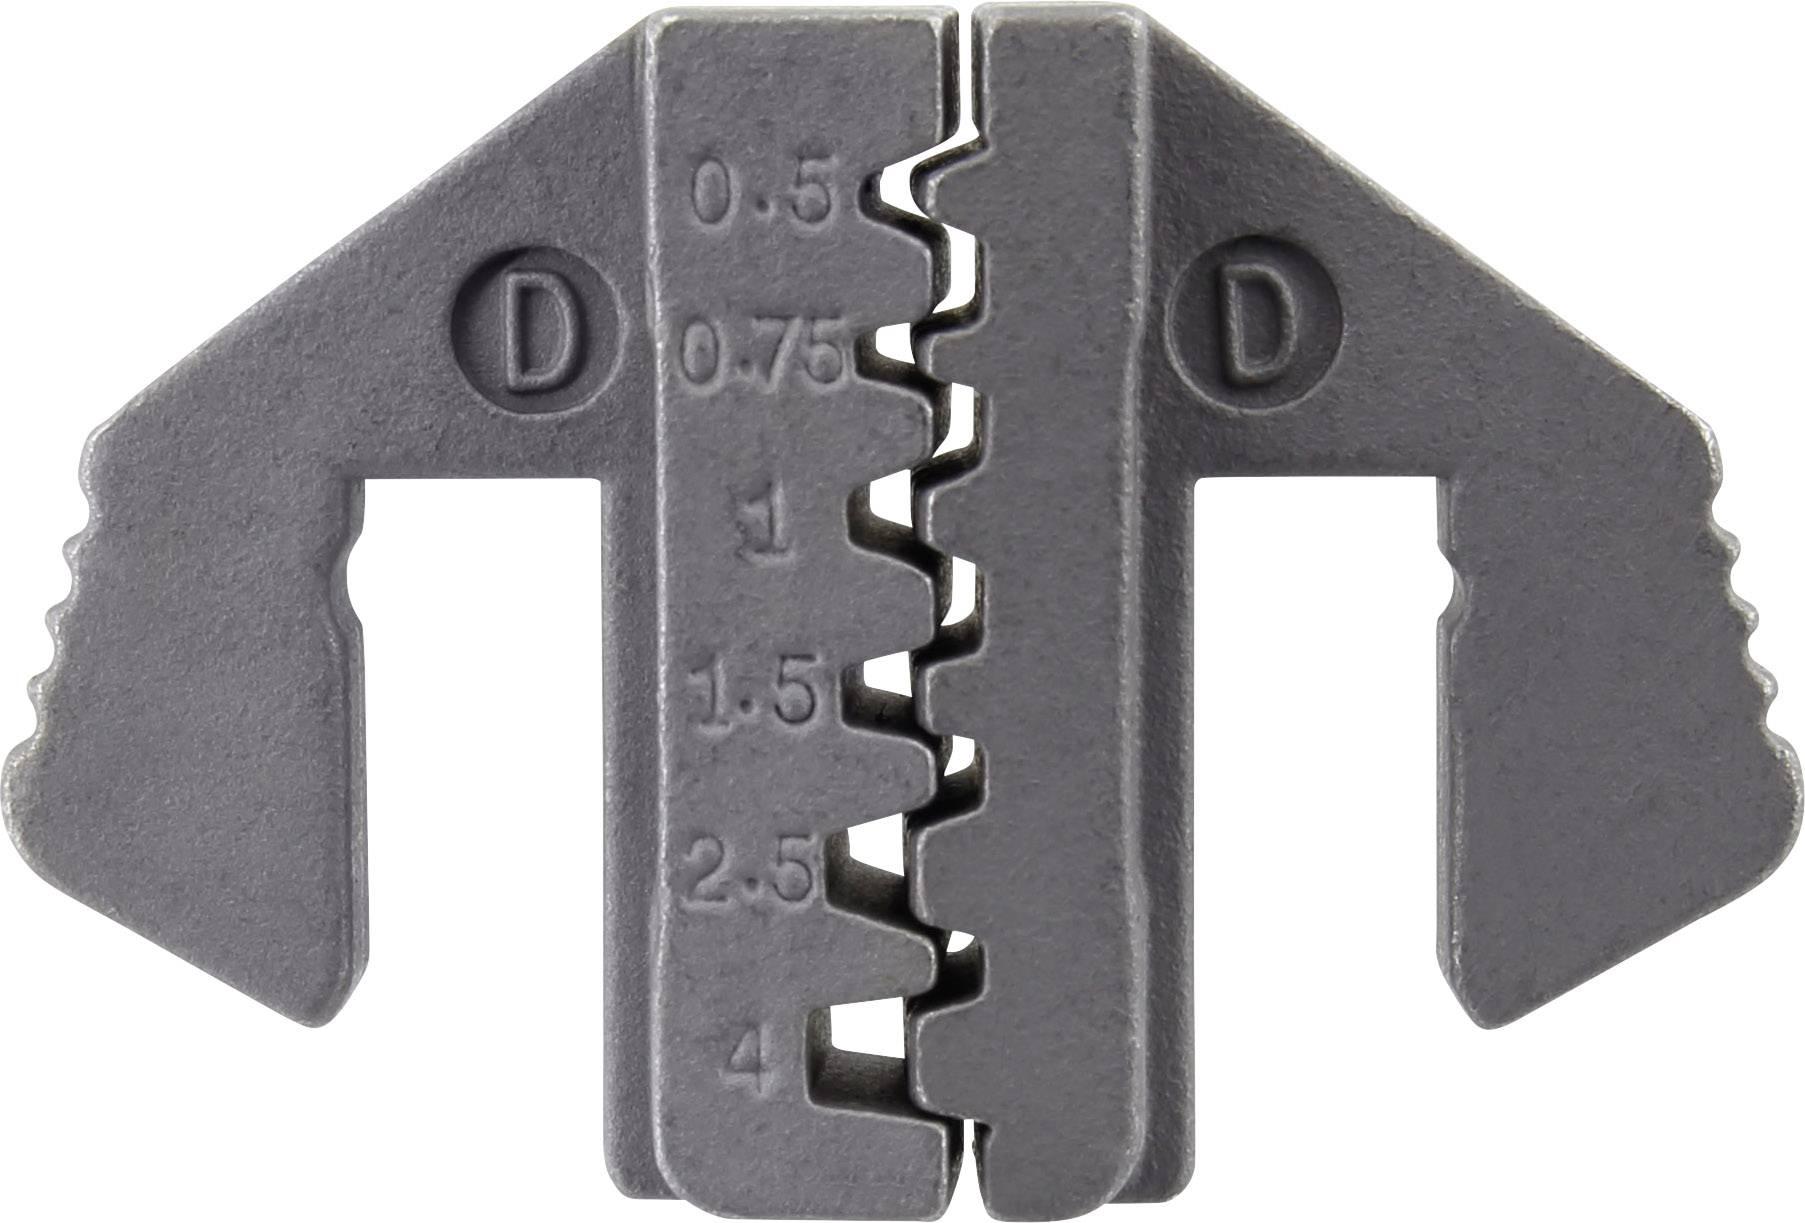 Krimpovací nástavec TOOLCRAFT 1423395, 0.5 do 4 mm², ATT.LOV.FITS4_BRAND_PLIERS TOOLCRAFT, 1423556